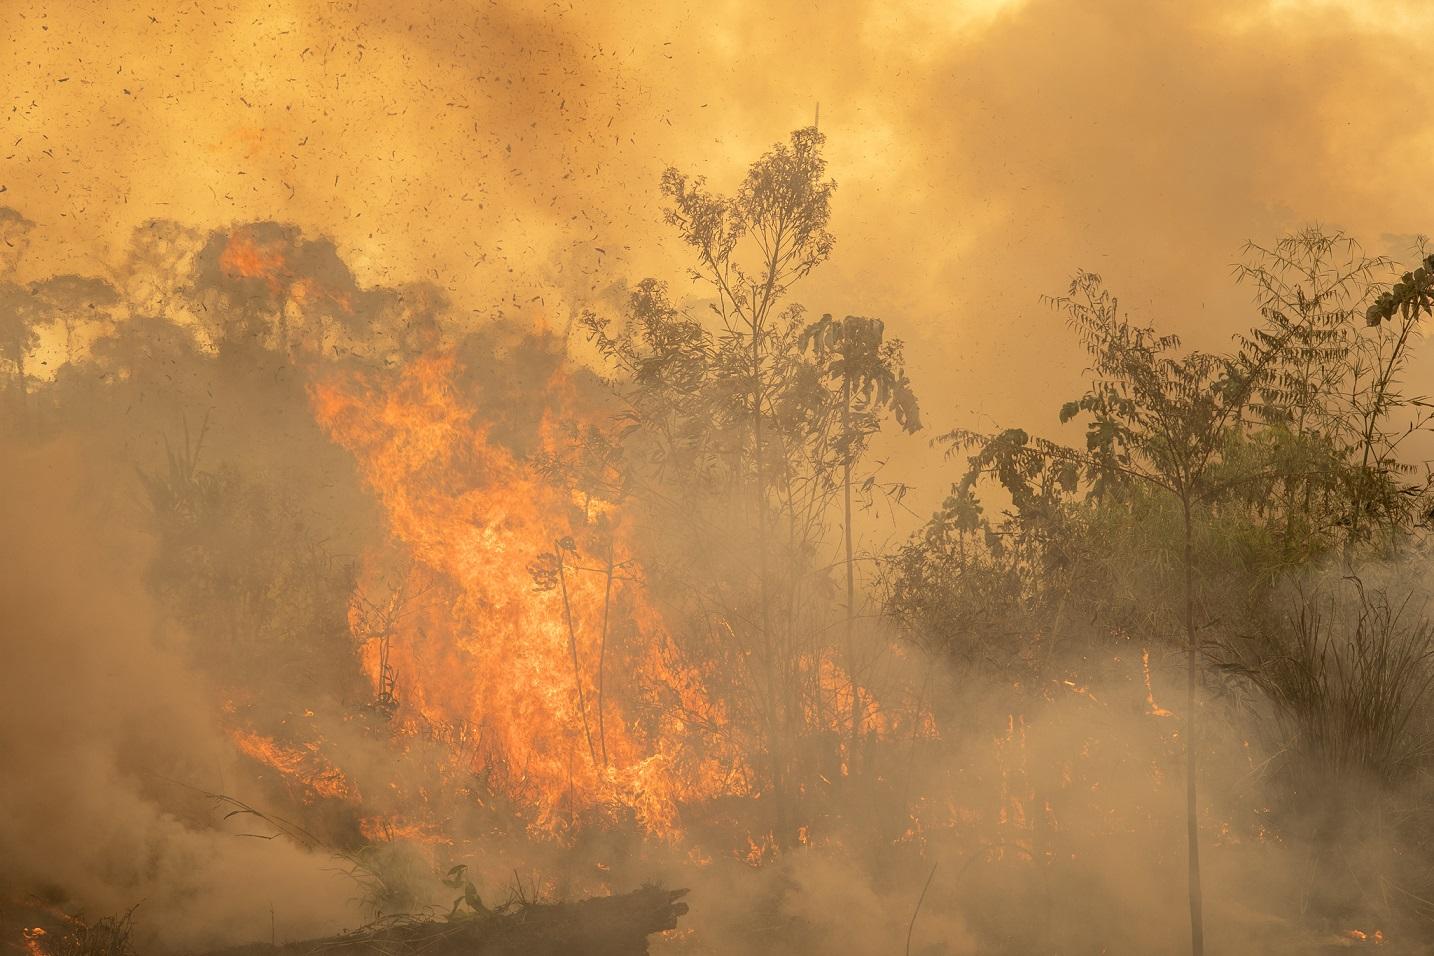 Os incêndios são, em sua maioria, criminosos e têm como objetivo preparar a área para a criação de gado. Foto Marcio Pimenta